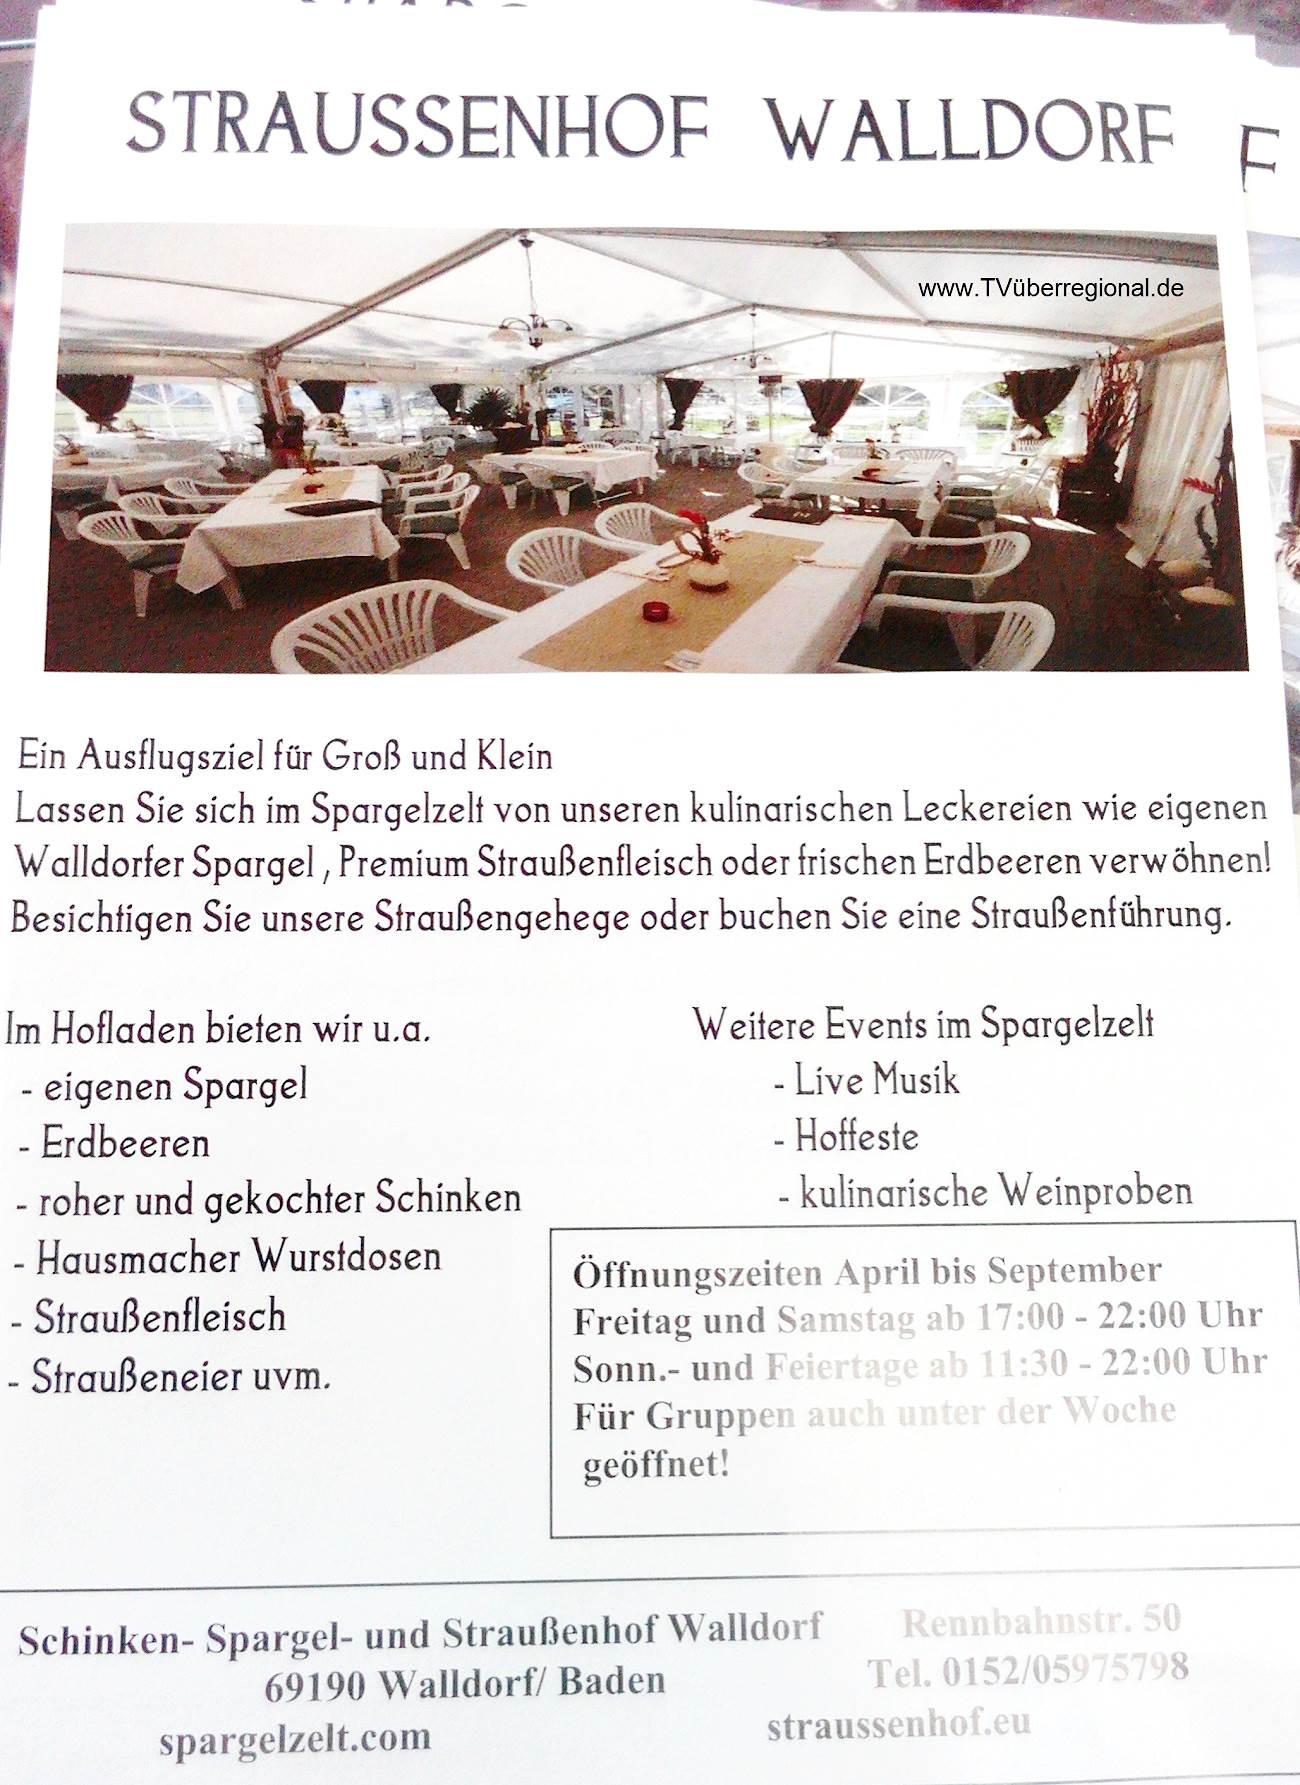 Straussenhof Walldorf - Ausflugsziel für klein und gross